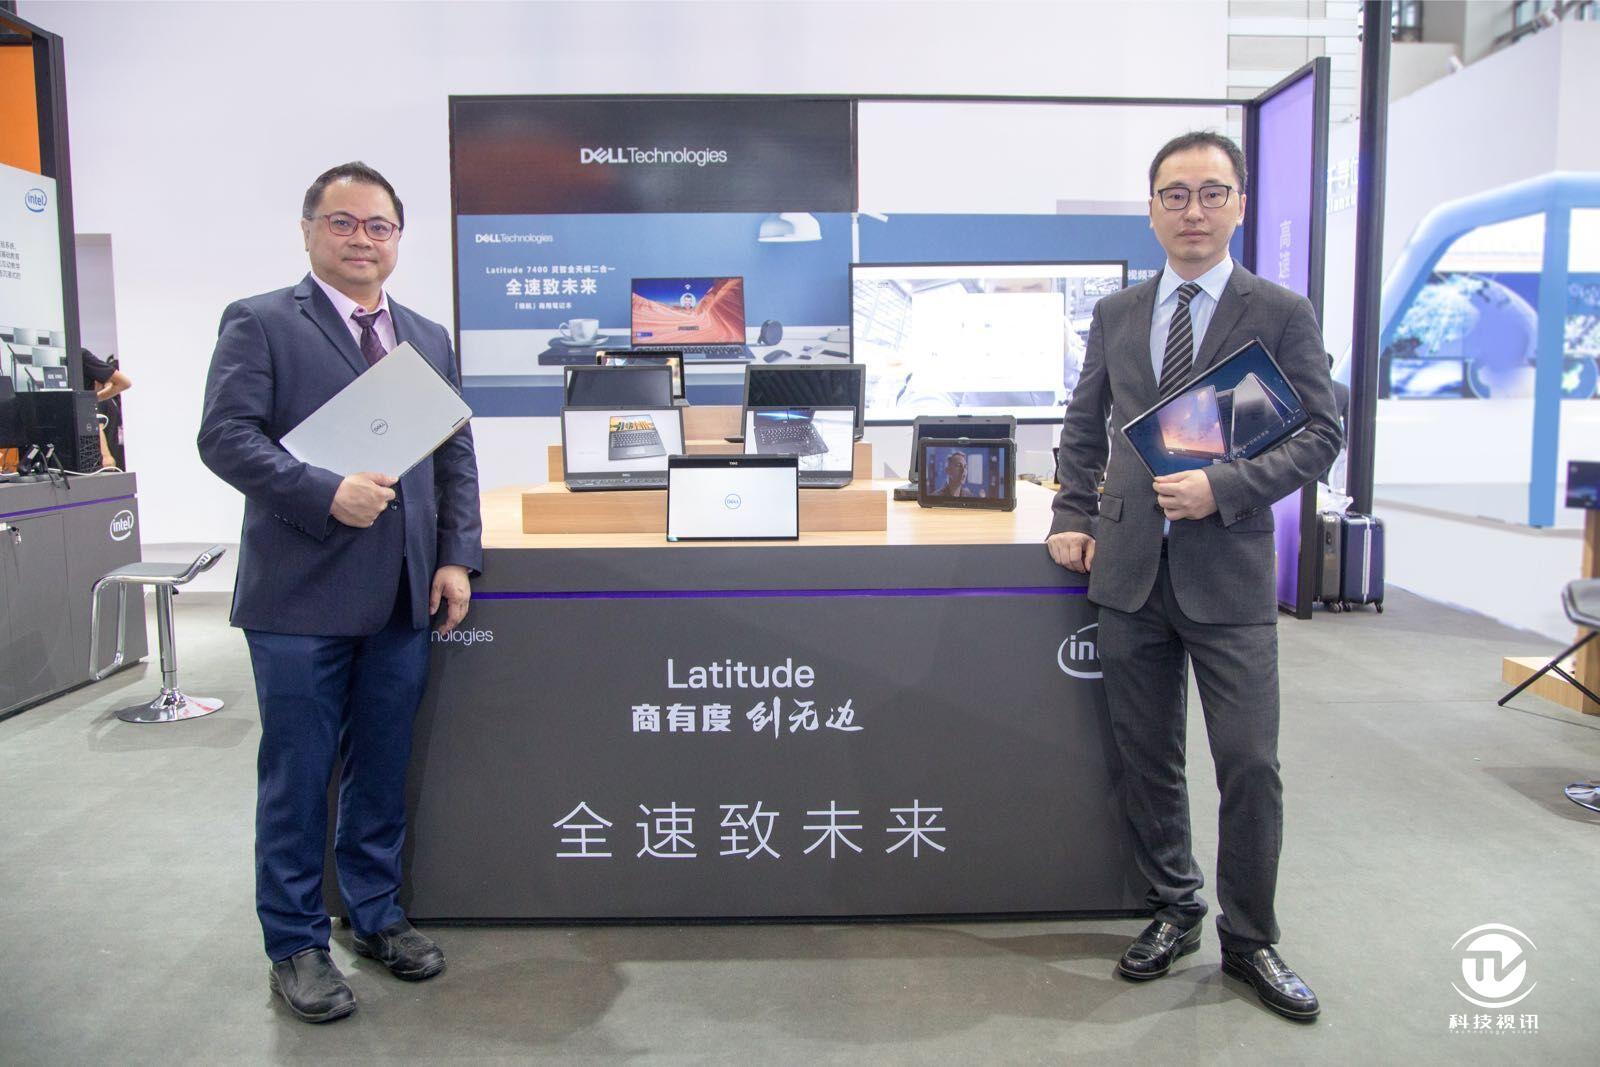 全速致未来 戴尔latitude系列提供商务工作新体验